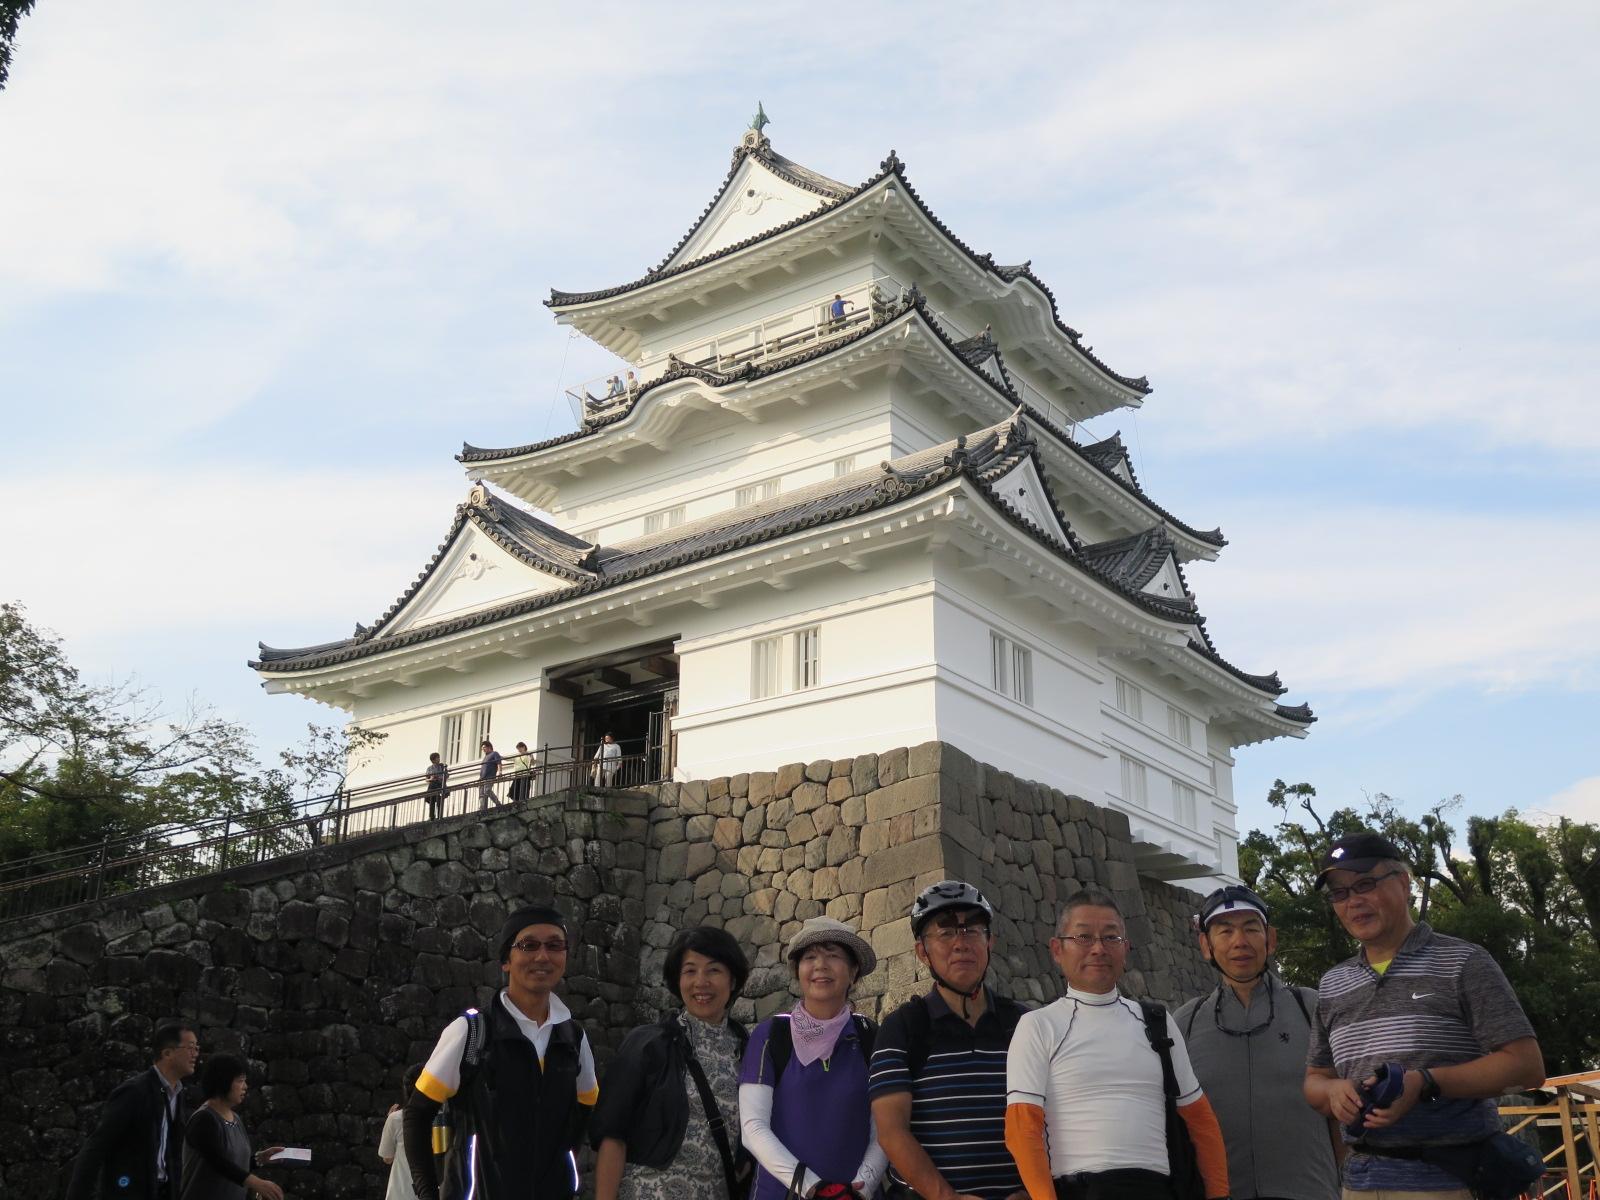 小田原城、リニューアルで真っ白さが際立ちますね。